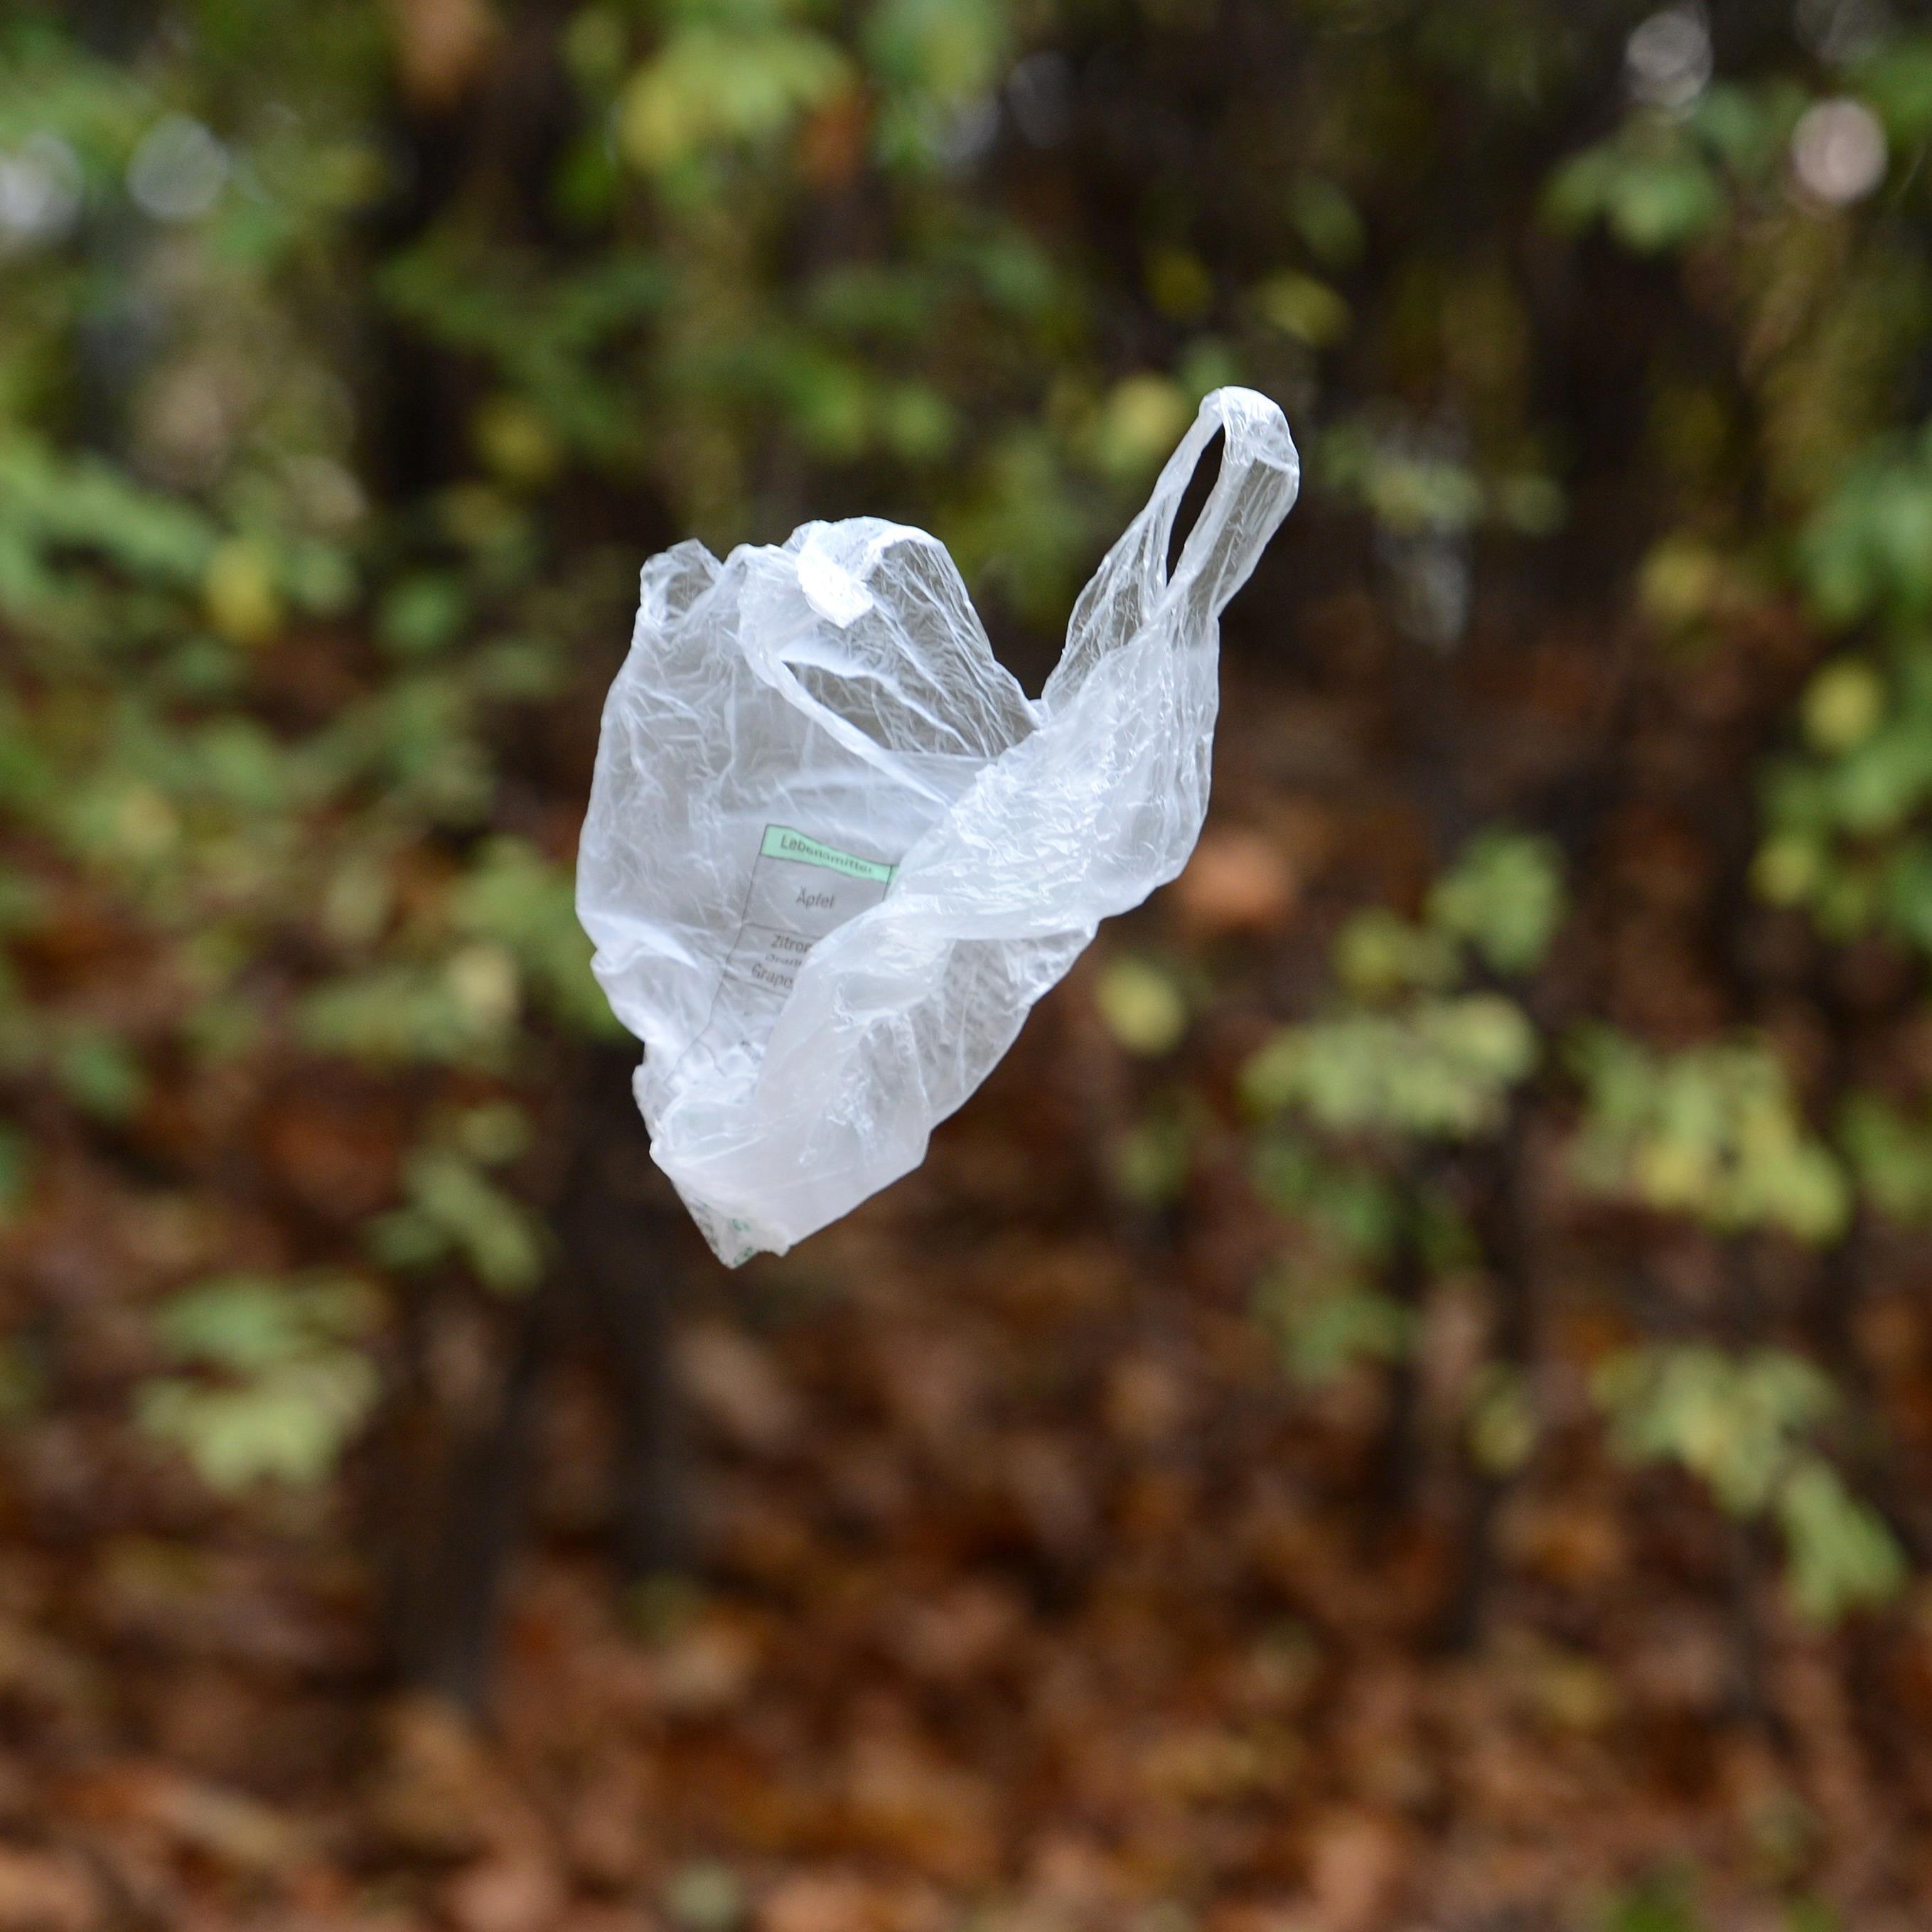 Plastiksackerl sorgen für eine große Belastung der Umwelt.